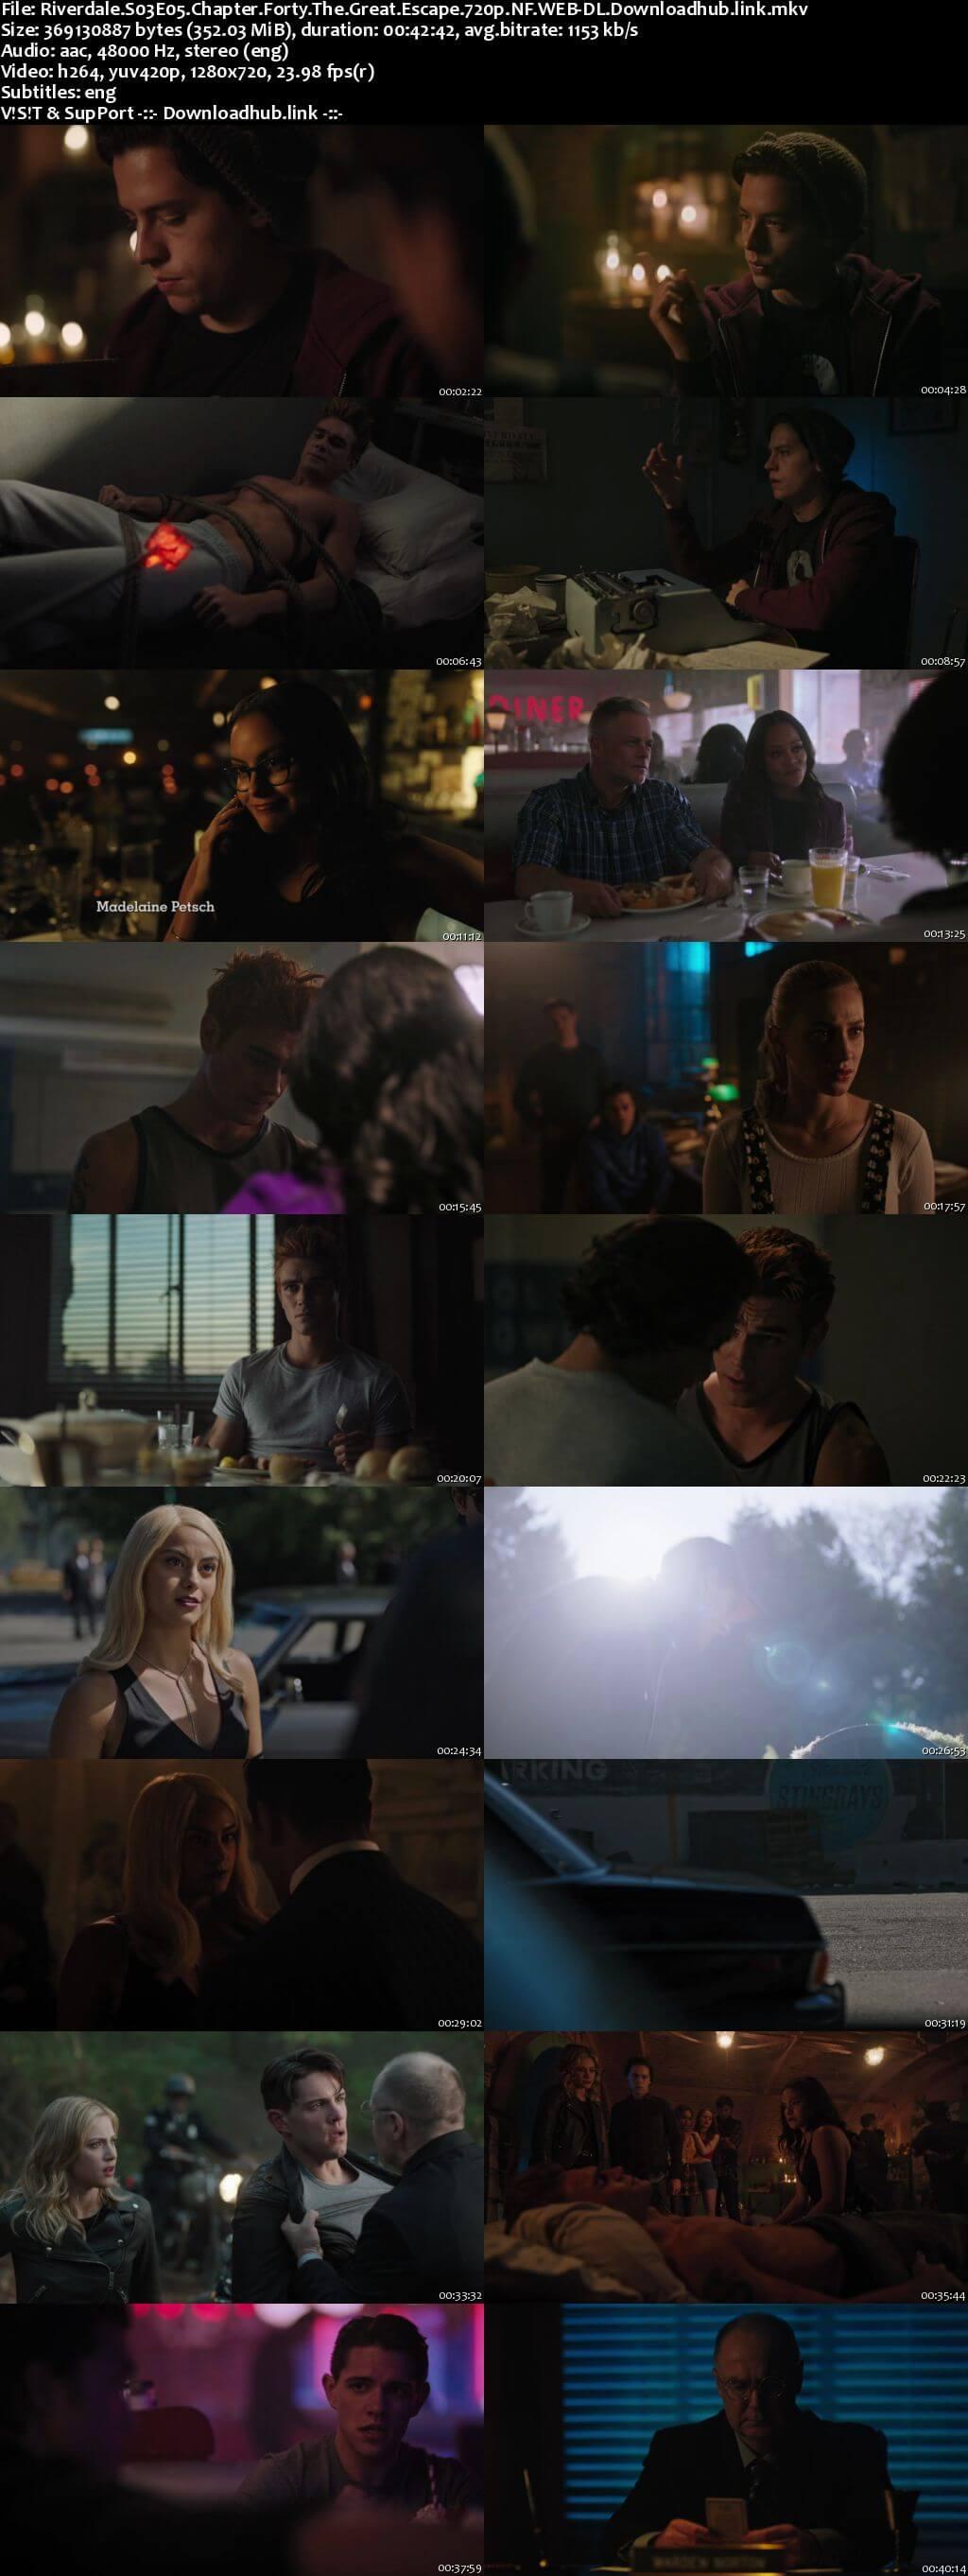 Riverdale S03E05 350MB NF WEB-DL 720p ESubs